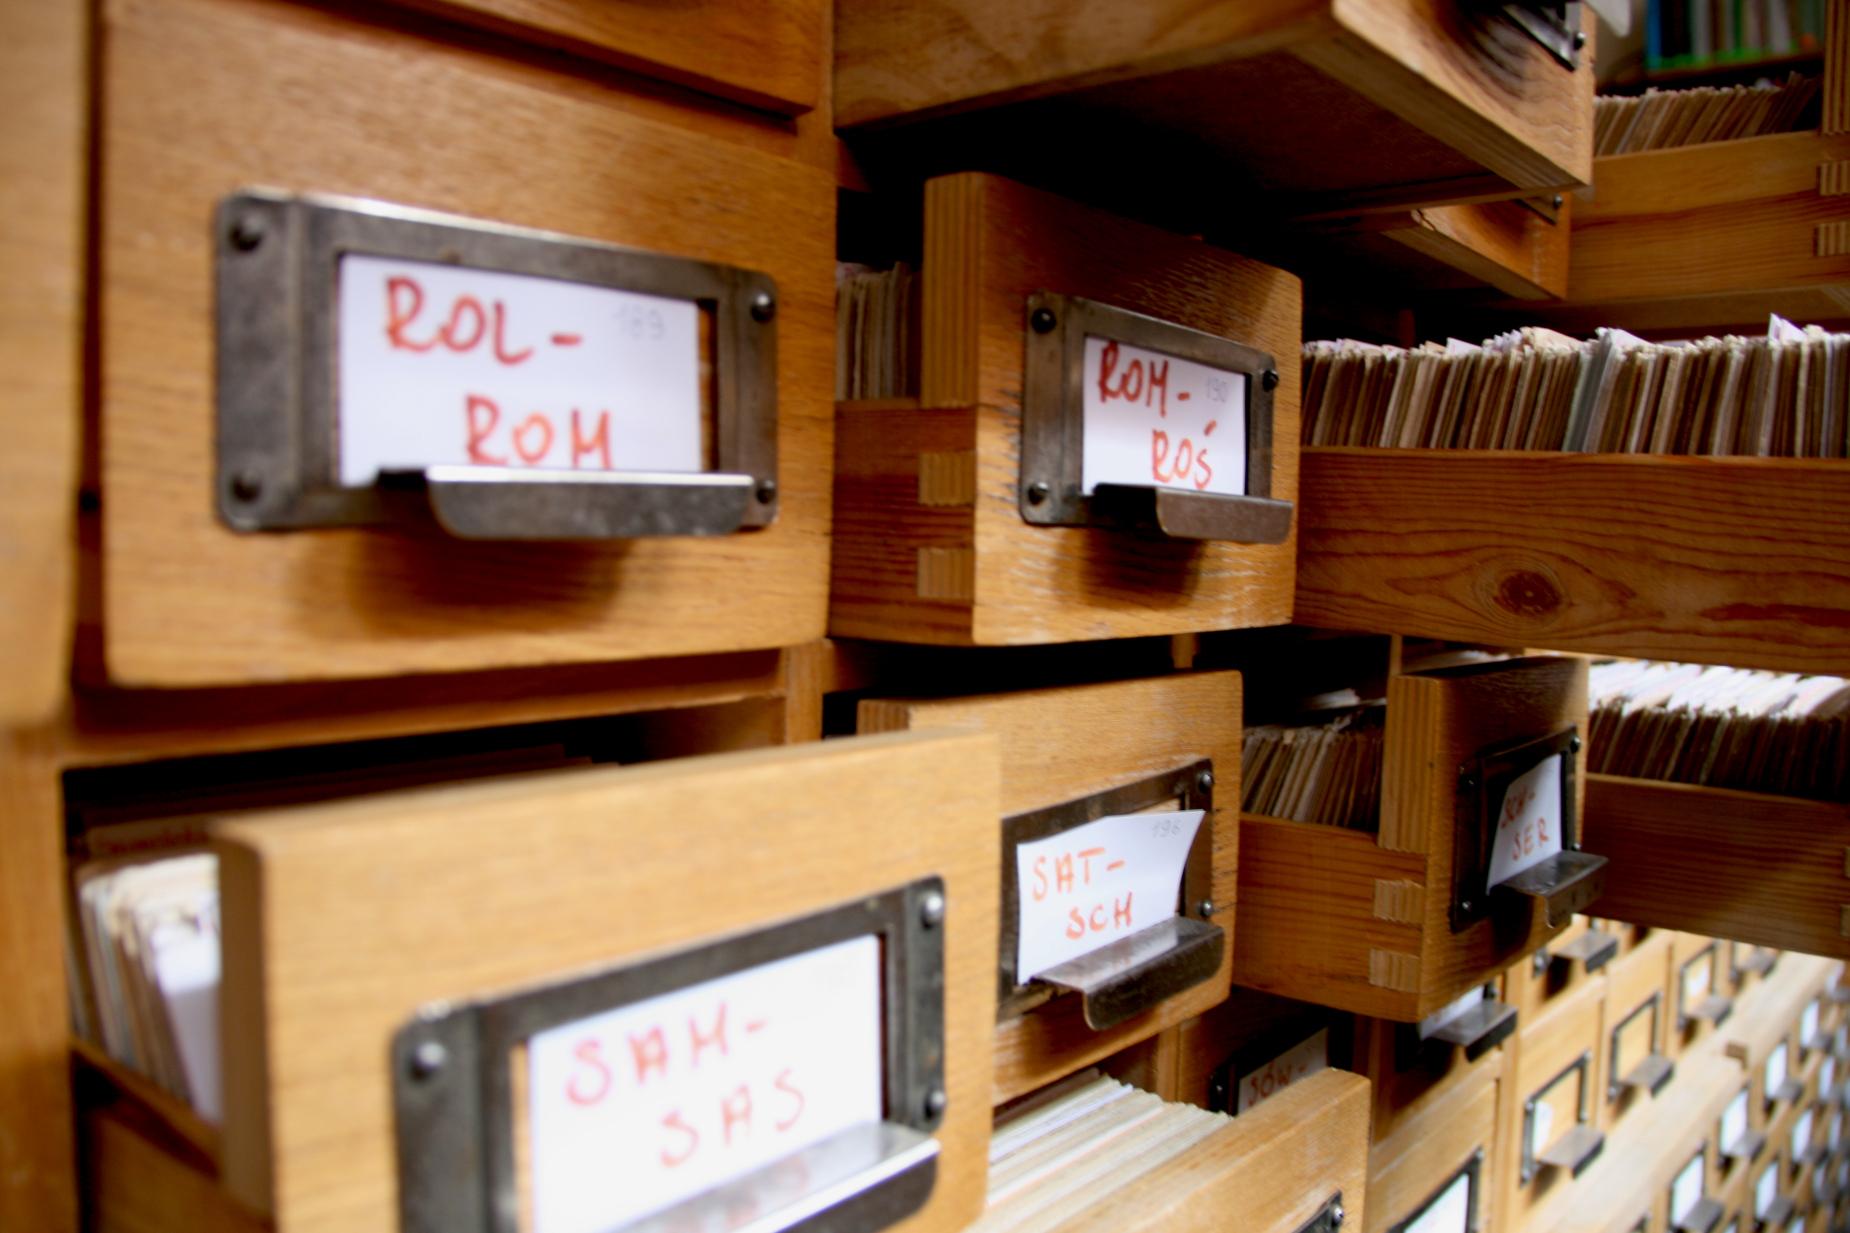 Biblioteka na Fali, Morenowa i przy Rynku. Zakończyło się głosowanie na nazwy dla filii biblioteki w Gdańsku. Zobacz wszystkie zwycięskie nazwy